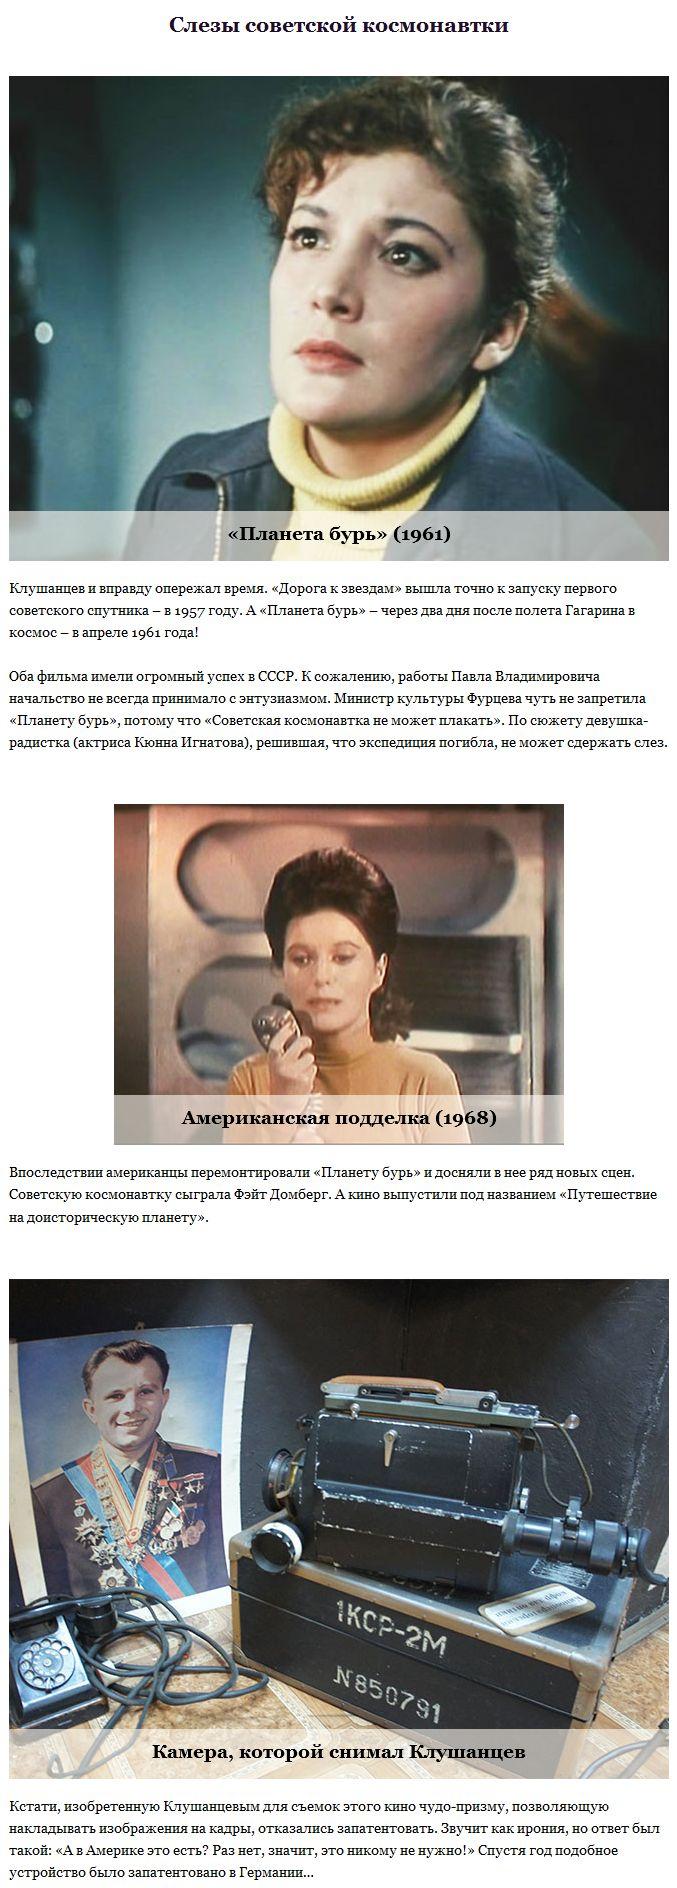 Спецэффекты голливудских фильмов, которые американцы скопировали у СССР (8 скриншотов)